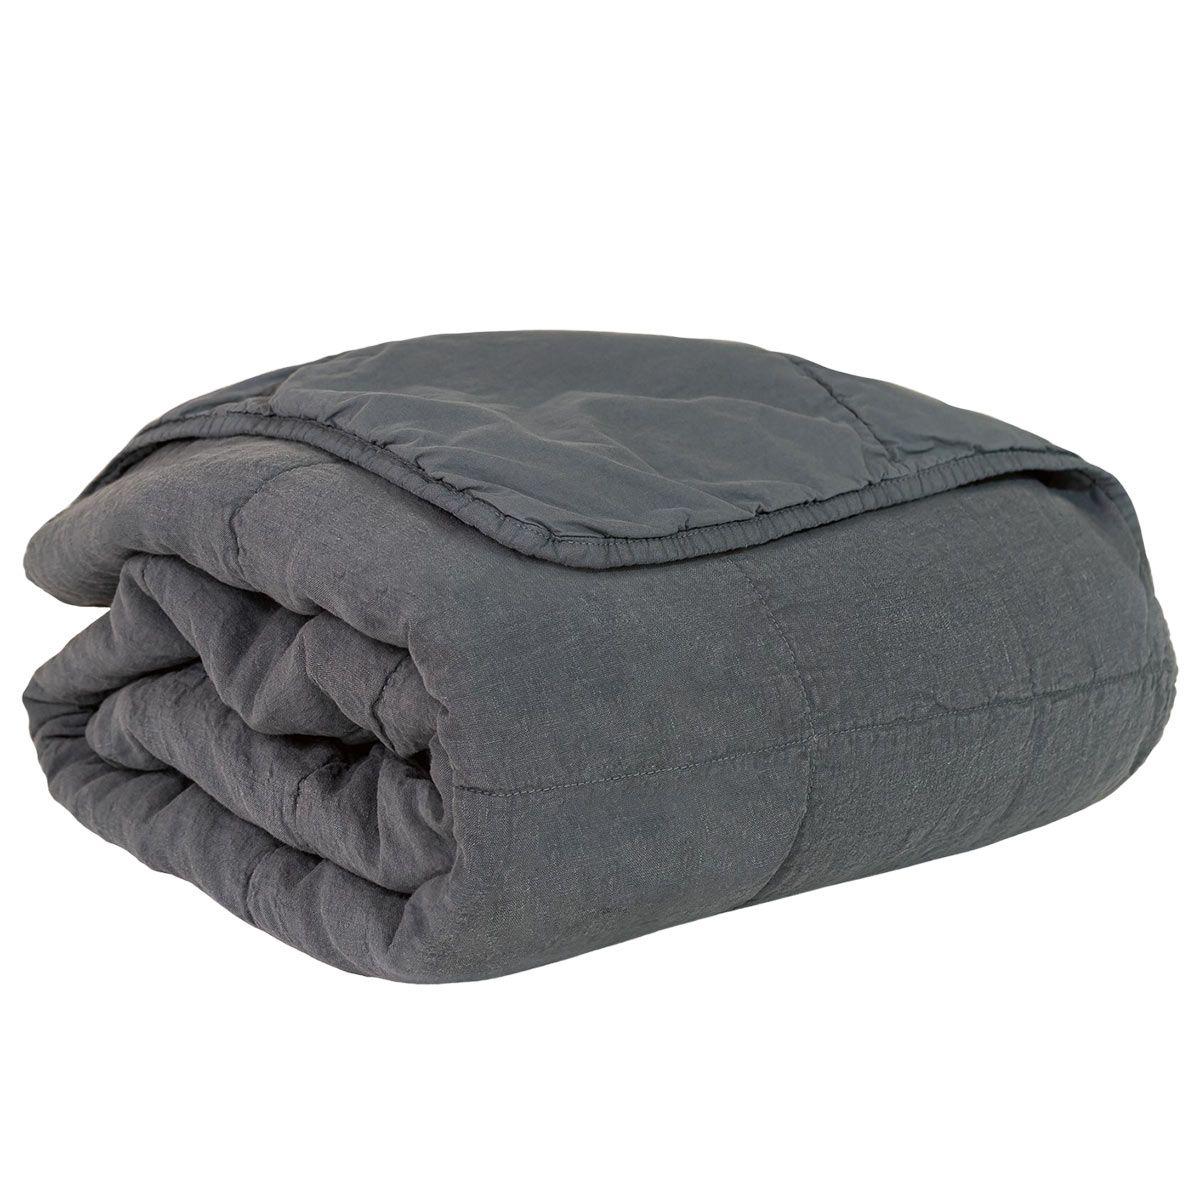 Couvre-lit en lin et coton Bergen 180x250cm gris